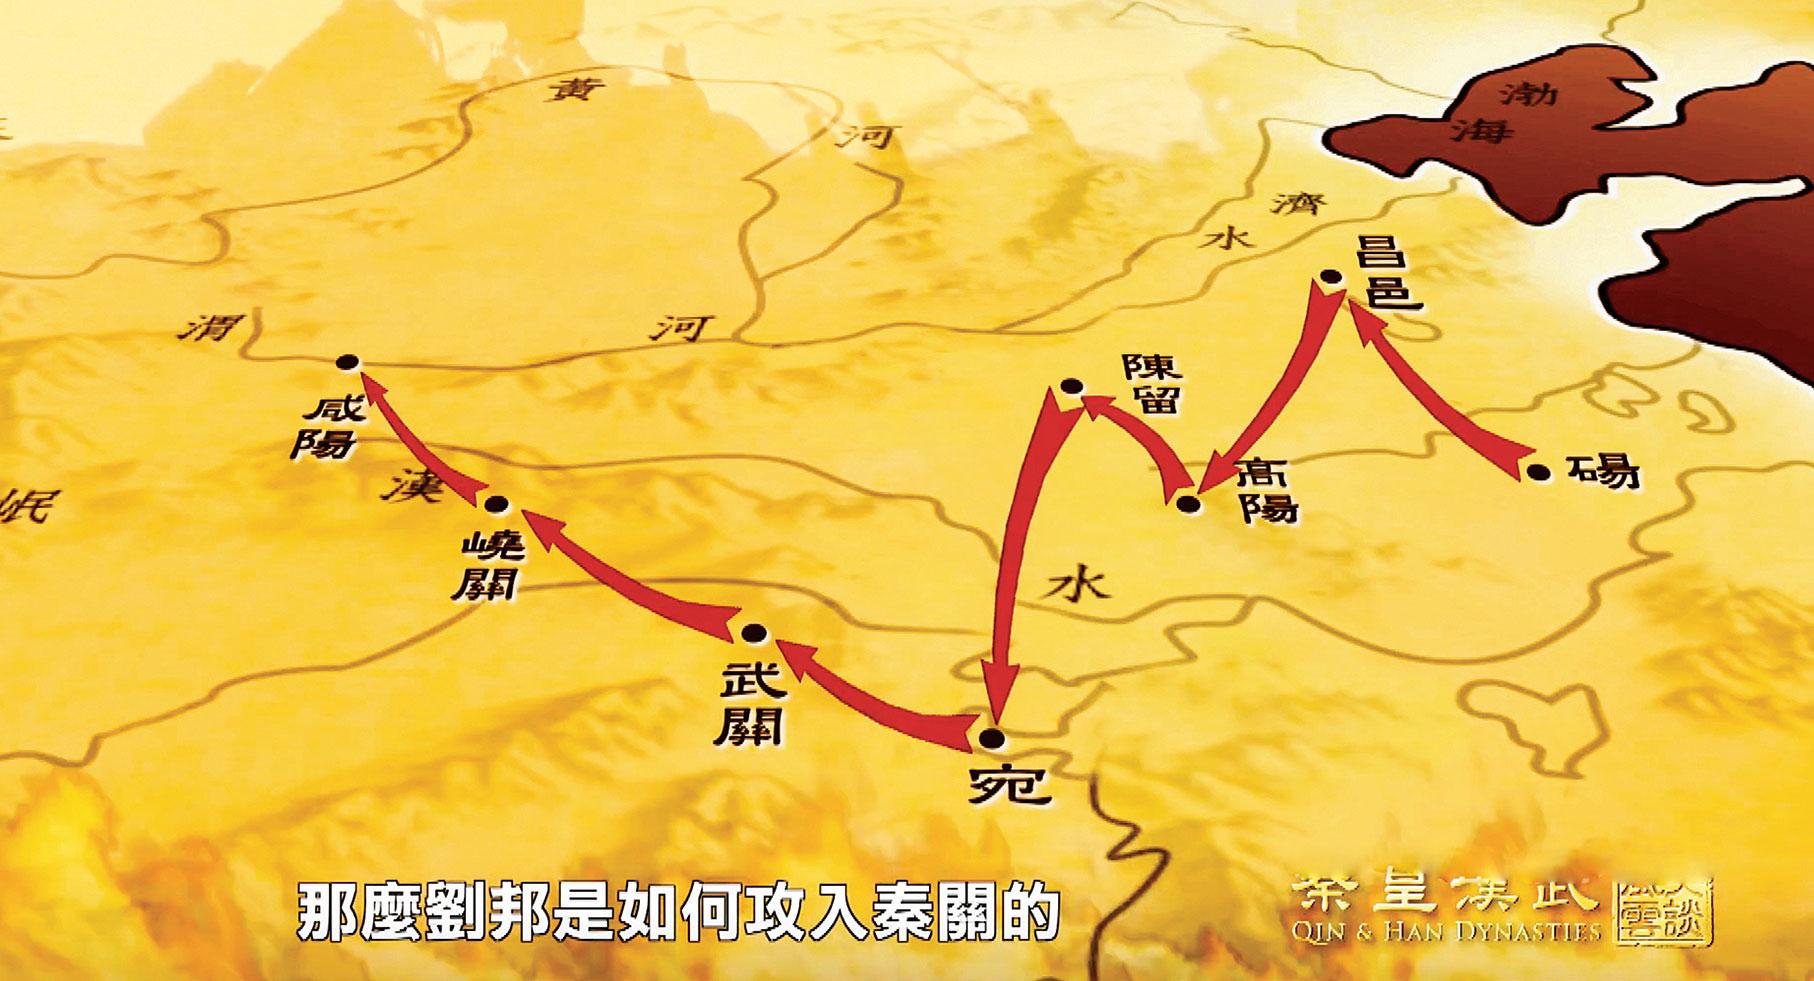 劉邦的軍隊一路向西快速挺進咸陽的路線圖。(圖/新唐人電視台)